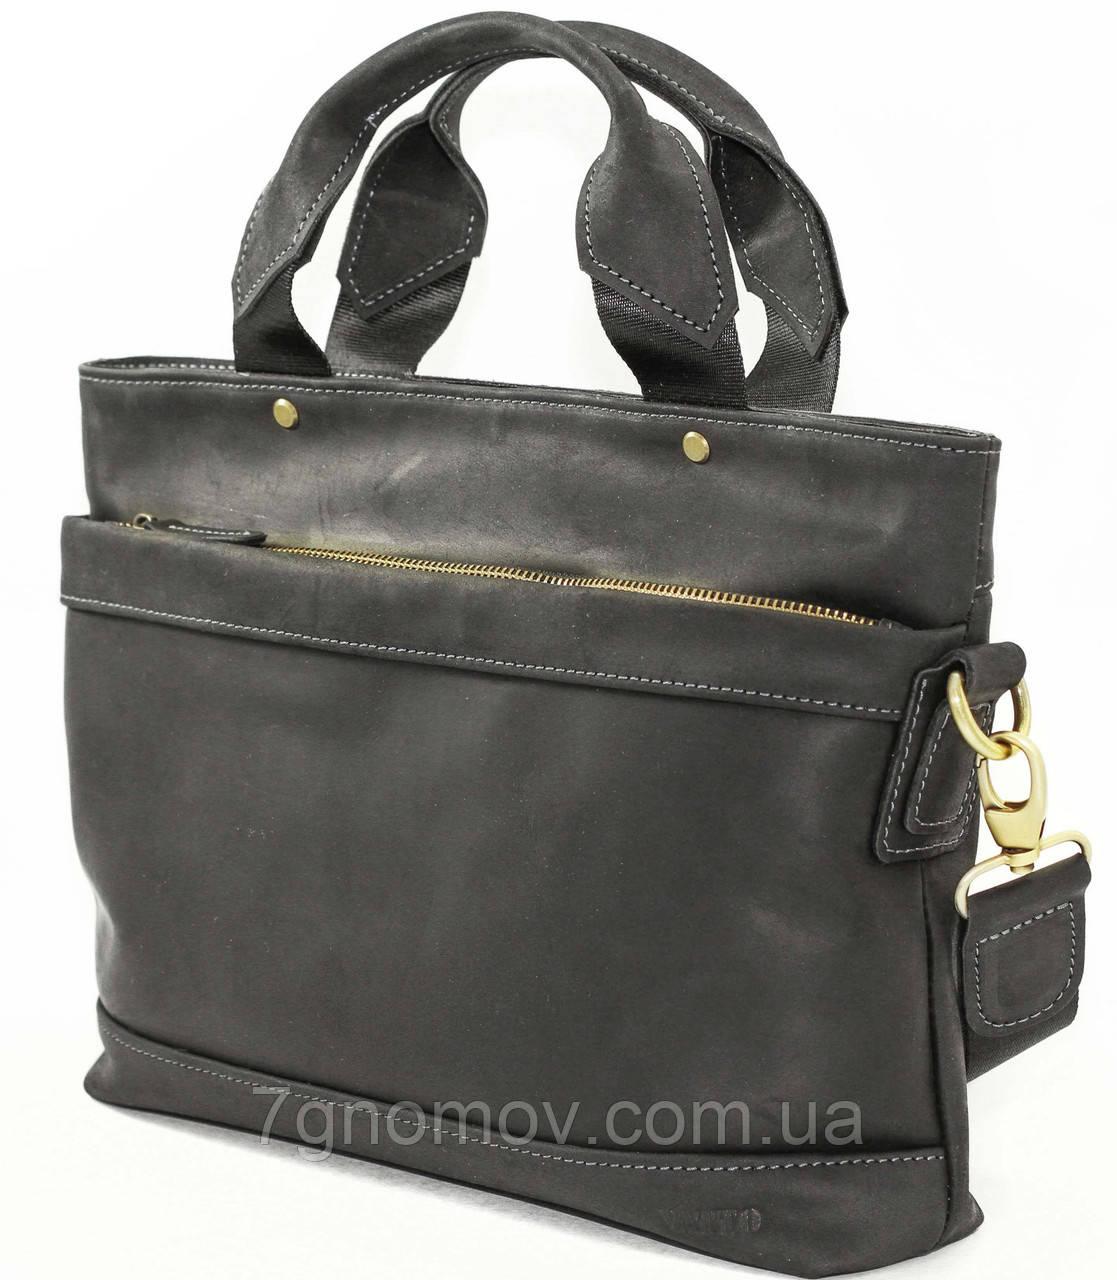 Мужская сумка VATTO Mk13.2 Kr670